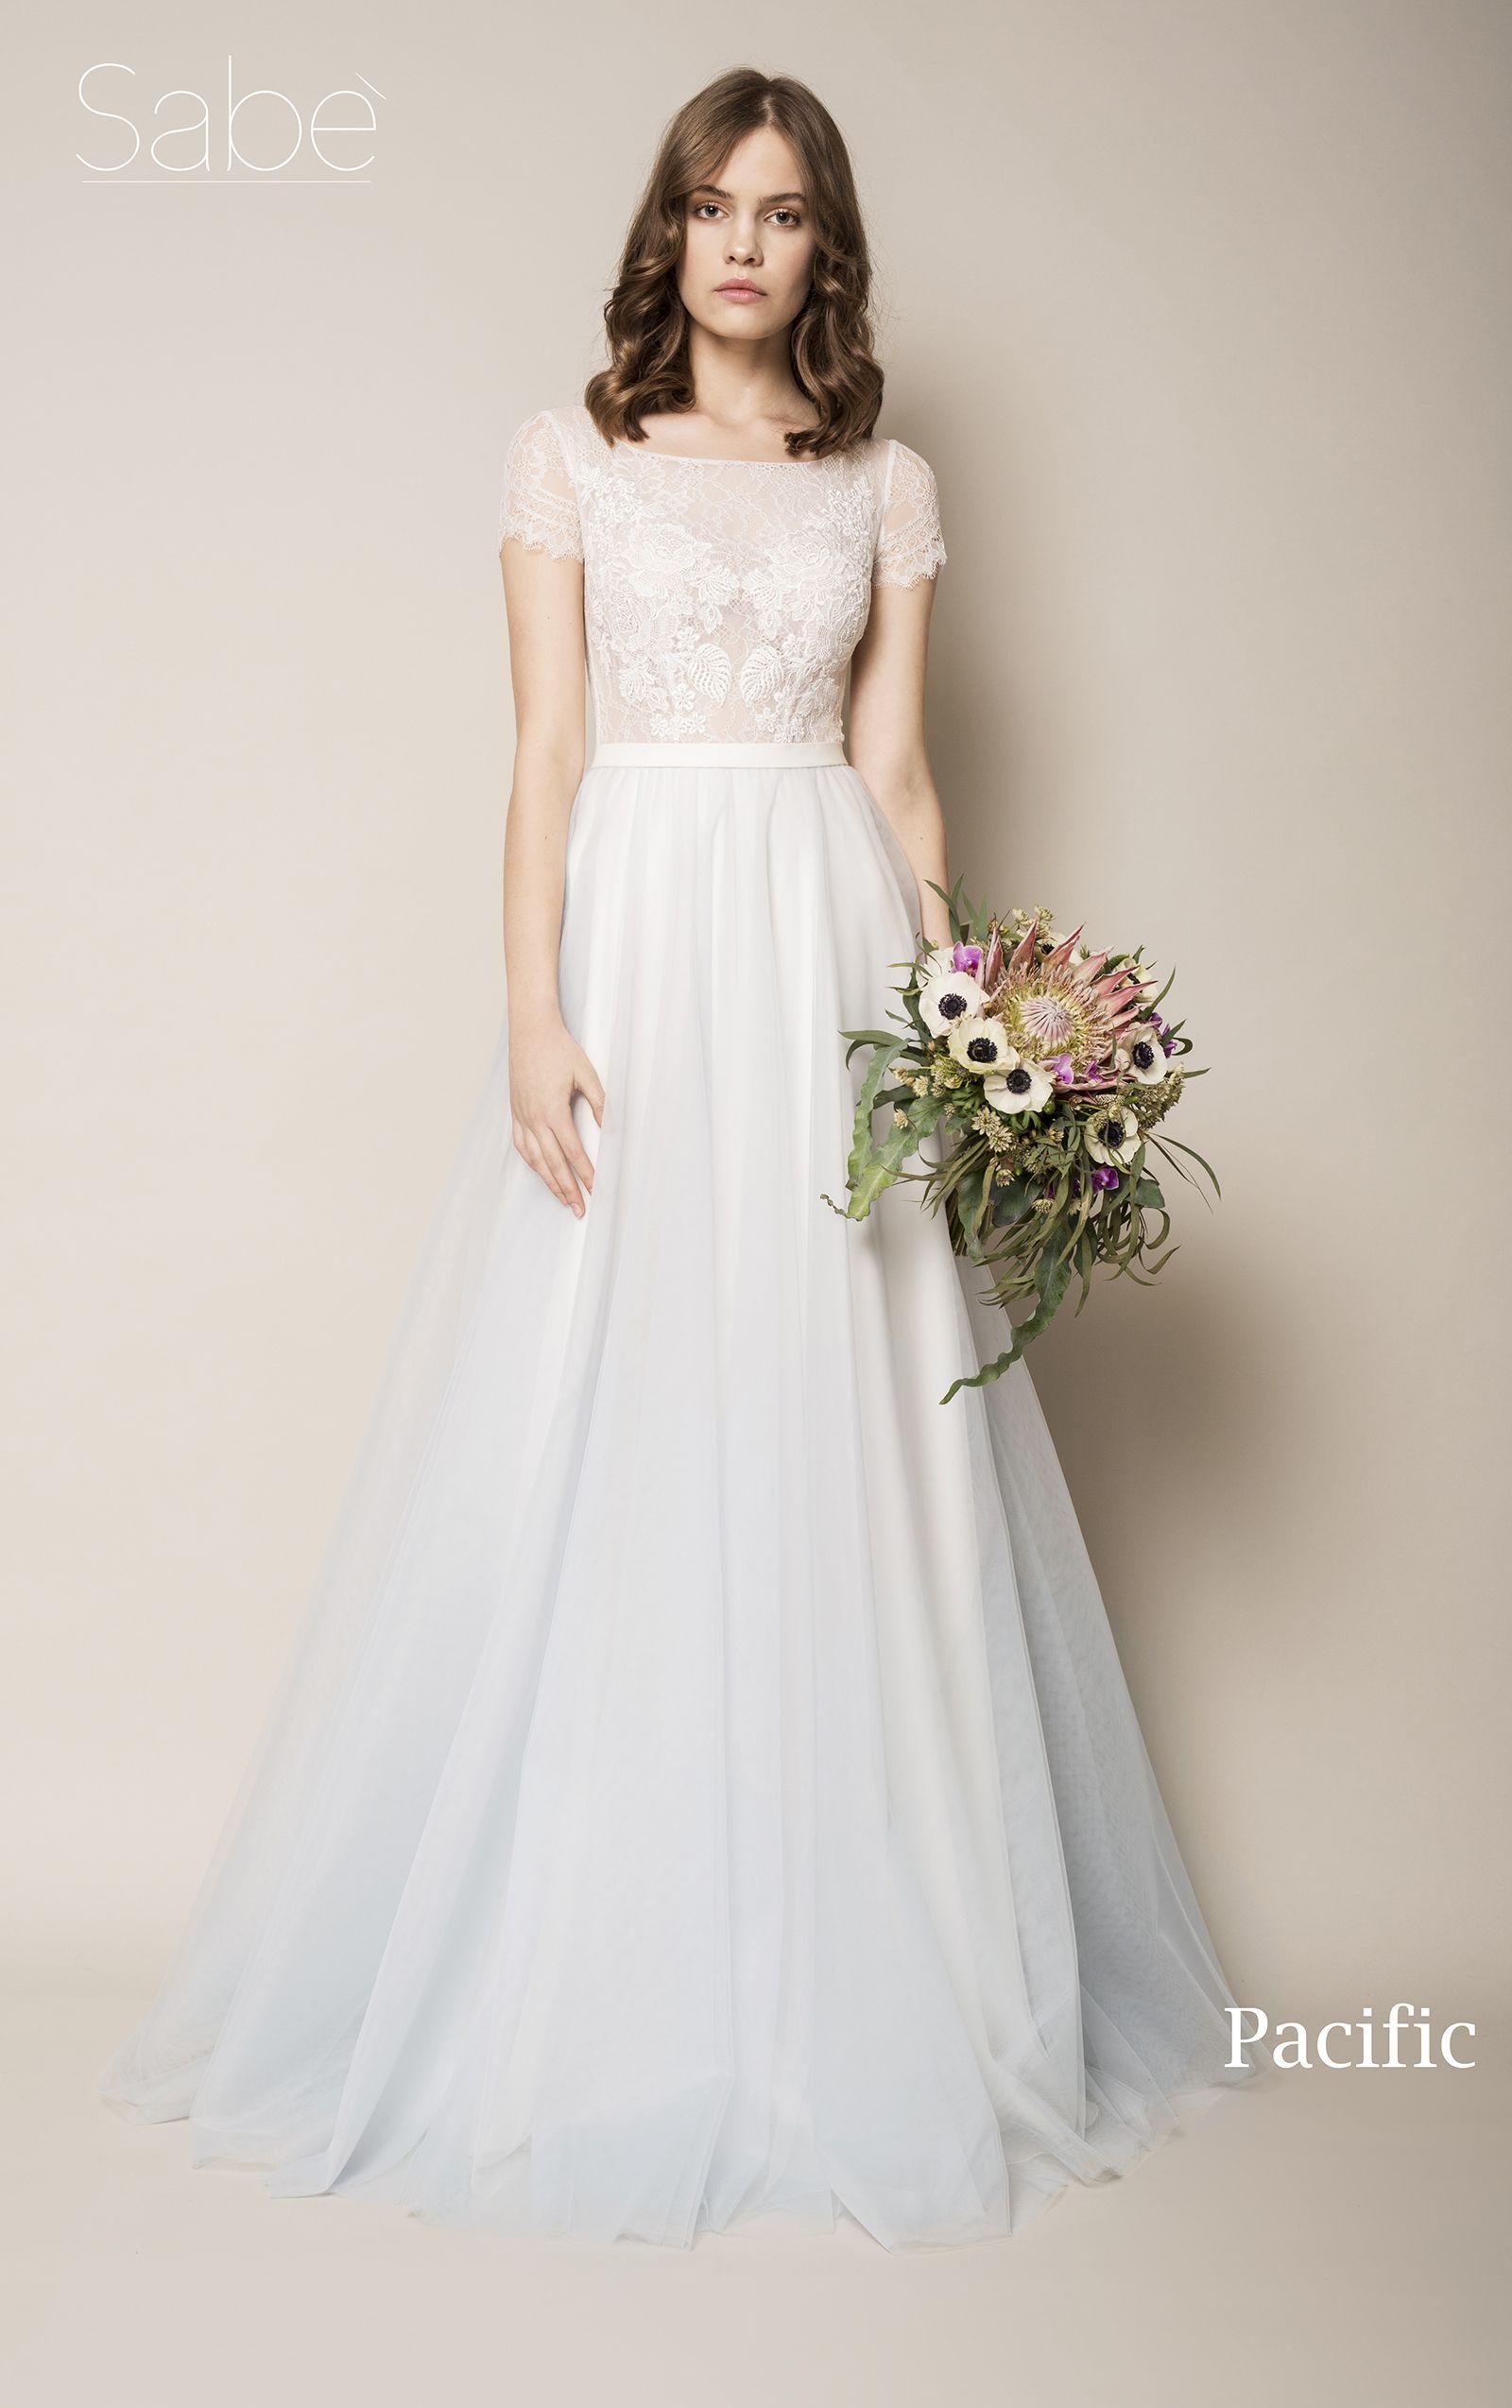 Kliknij aby powiększyć bridal gowns pinterest wedding dress